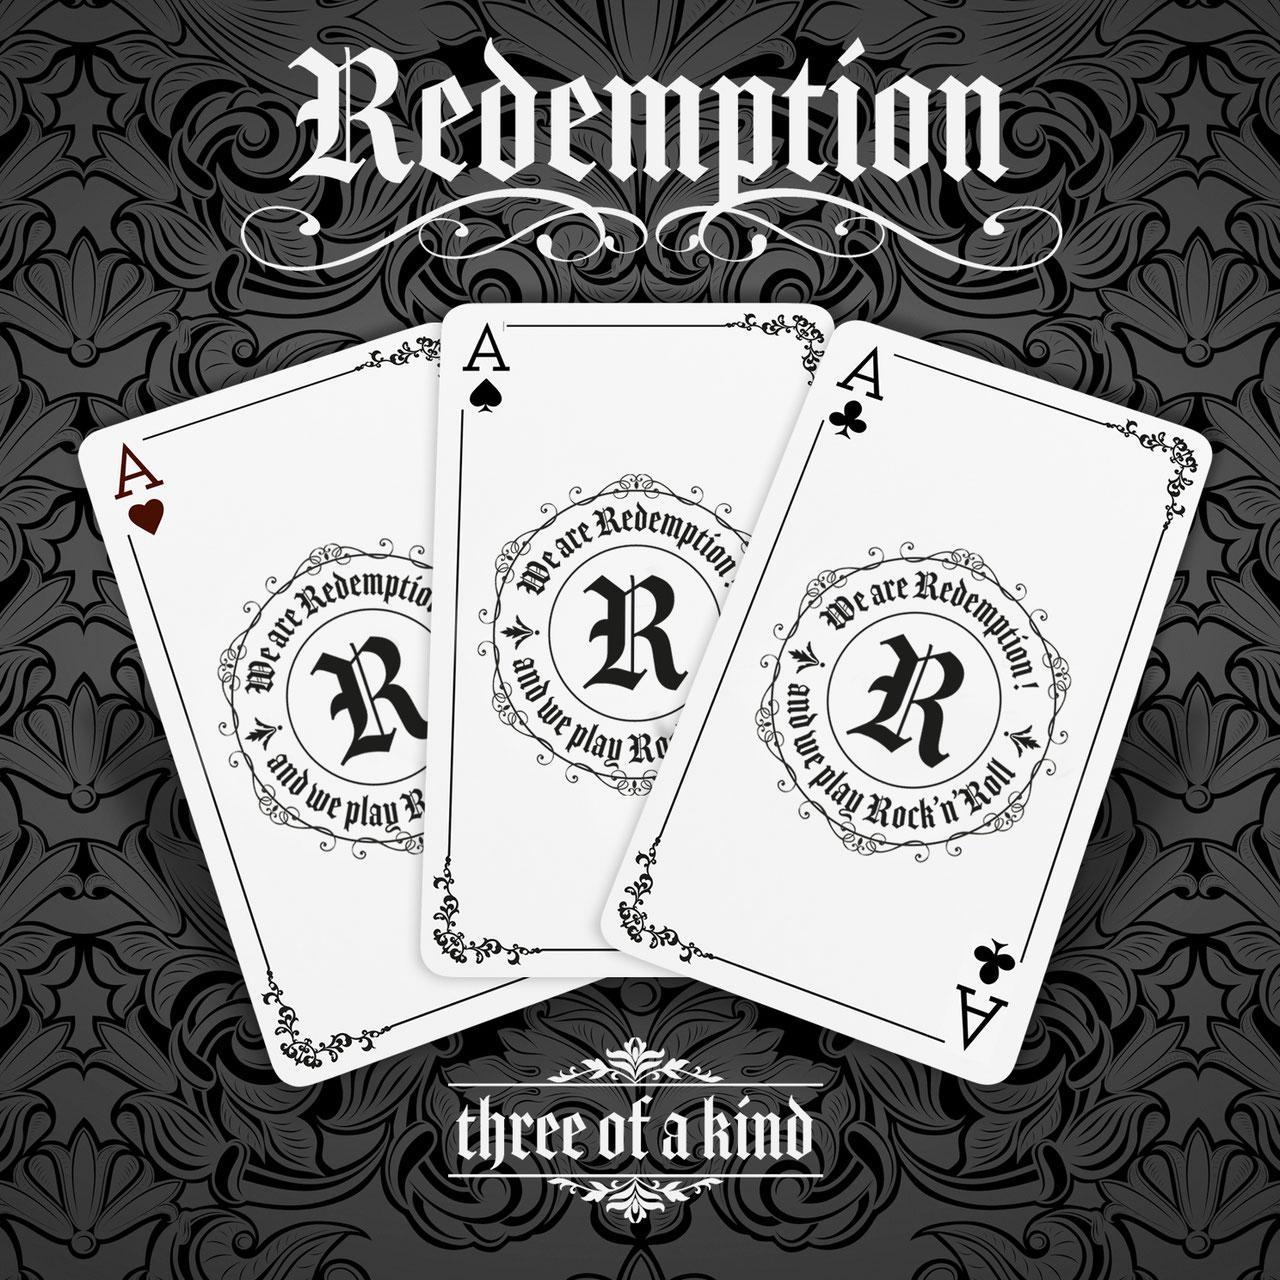 Redemption artwork